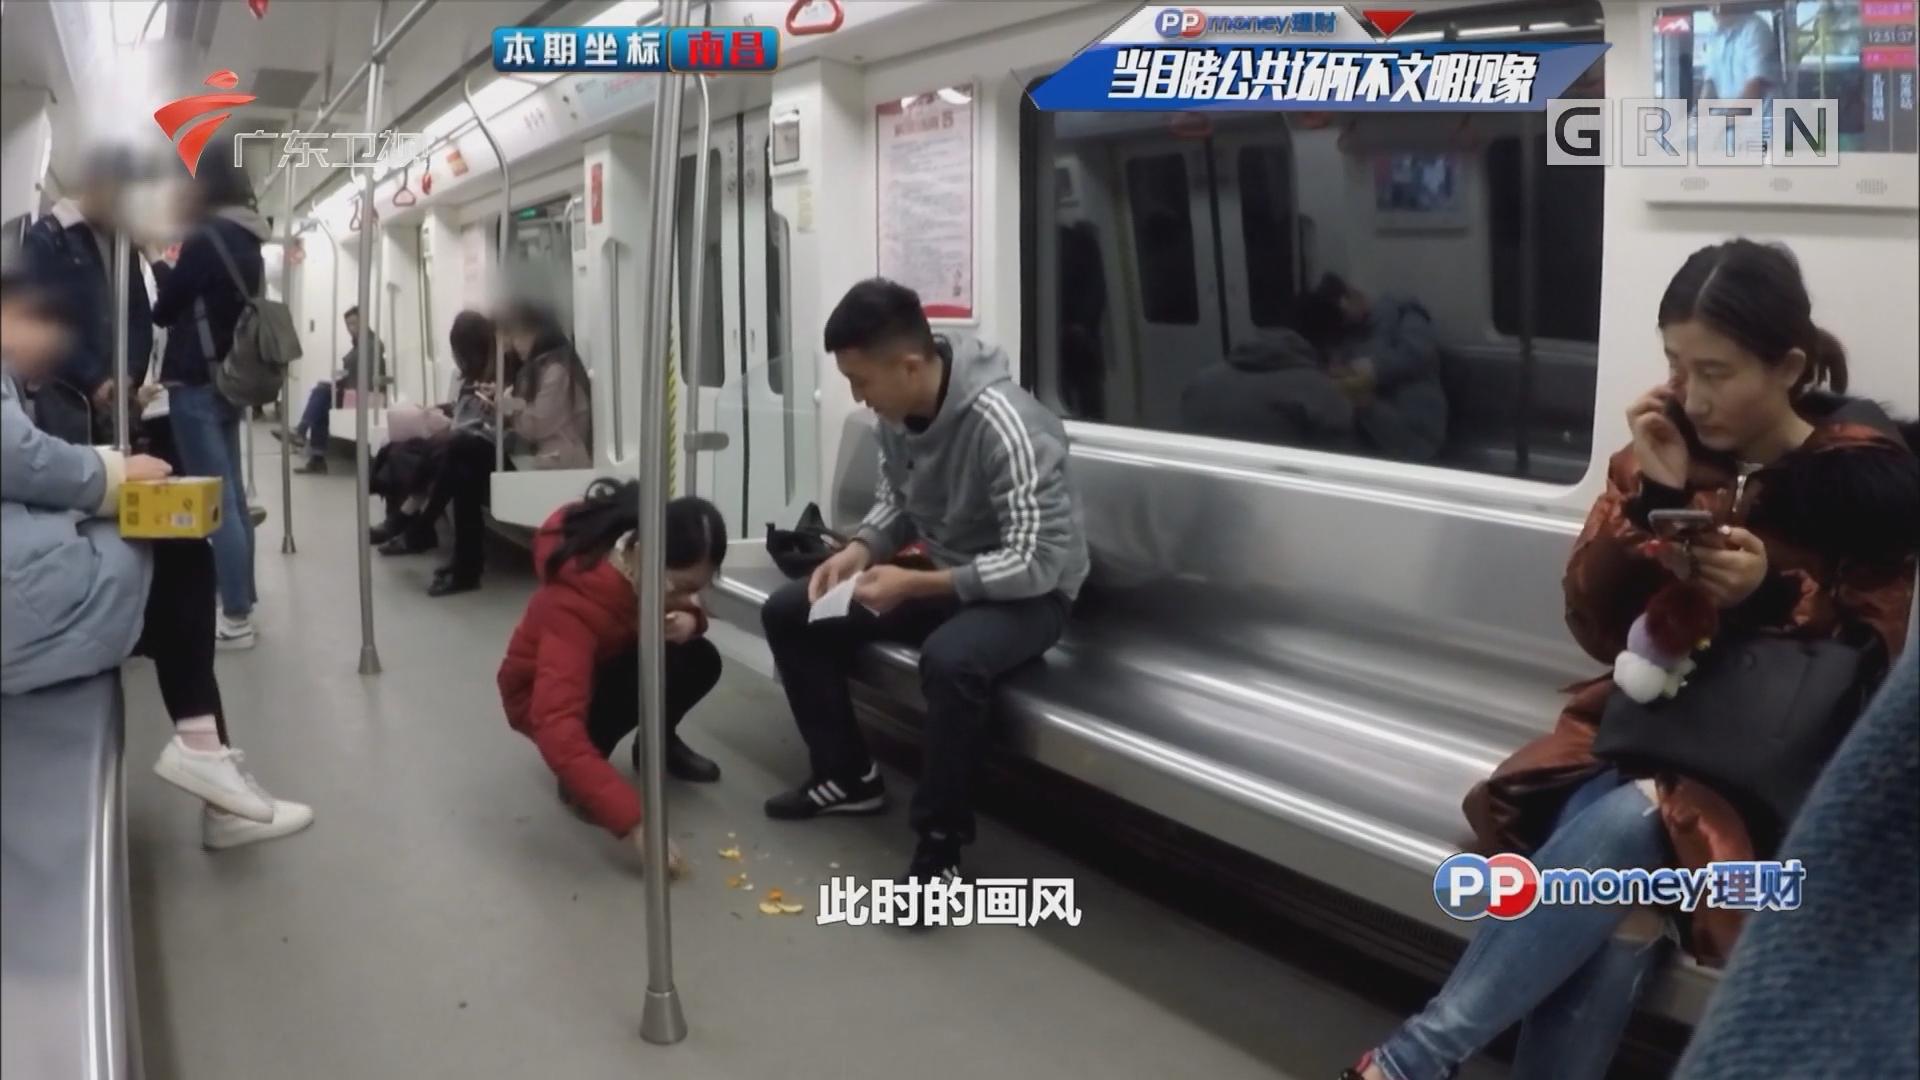 [HD][2018-03-29]你会怎么做:当目睹公共场所不文明现象